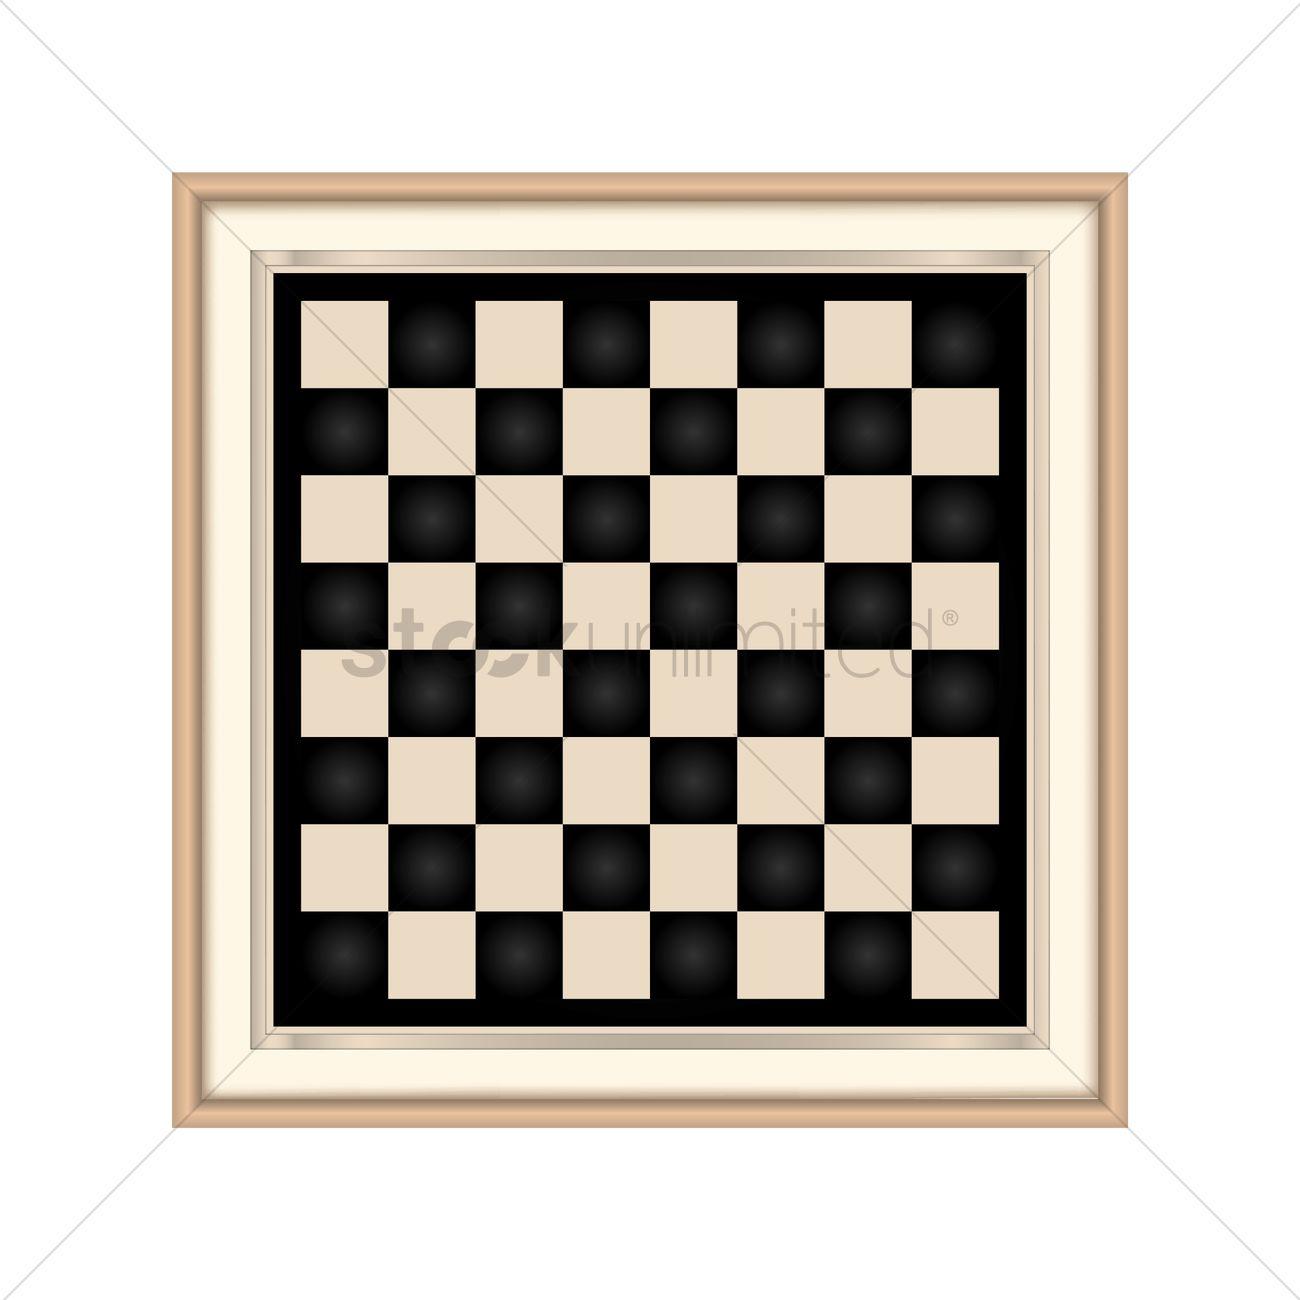 1300x1300 Chessboard Vector Image